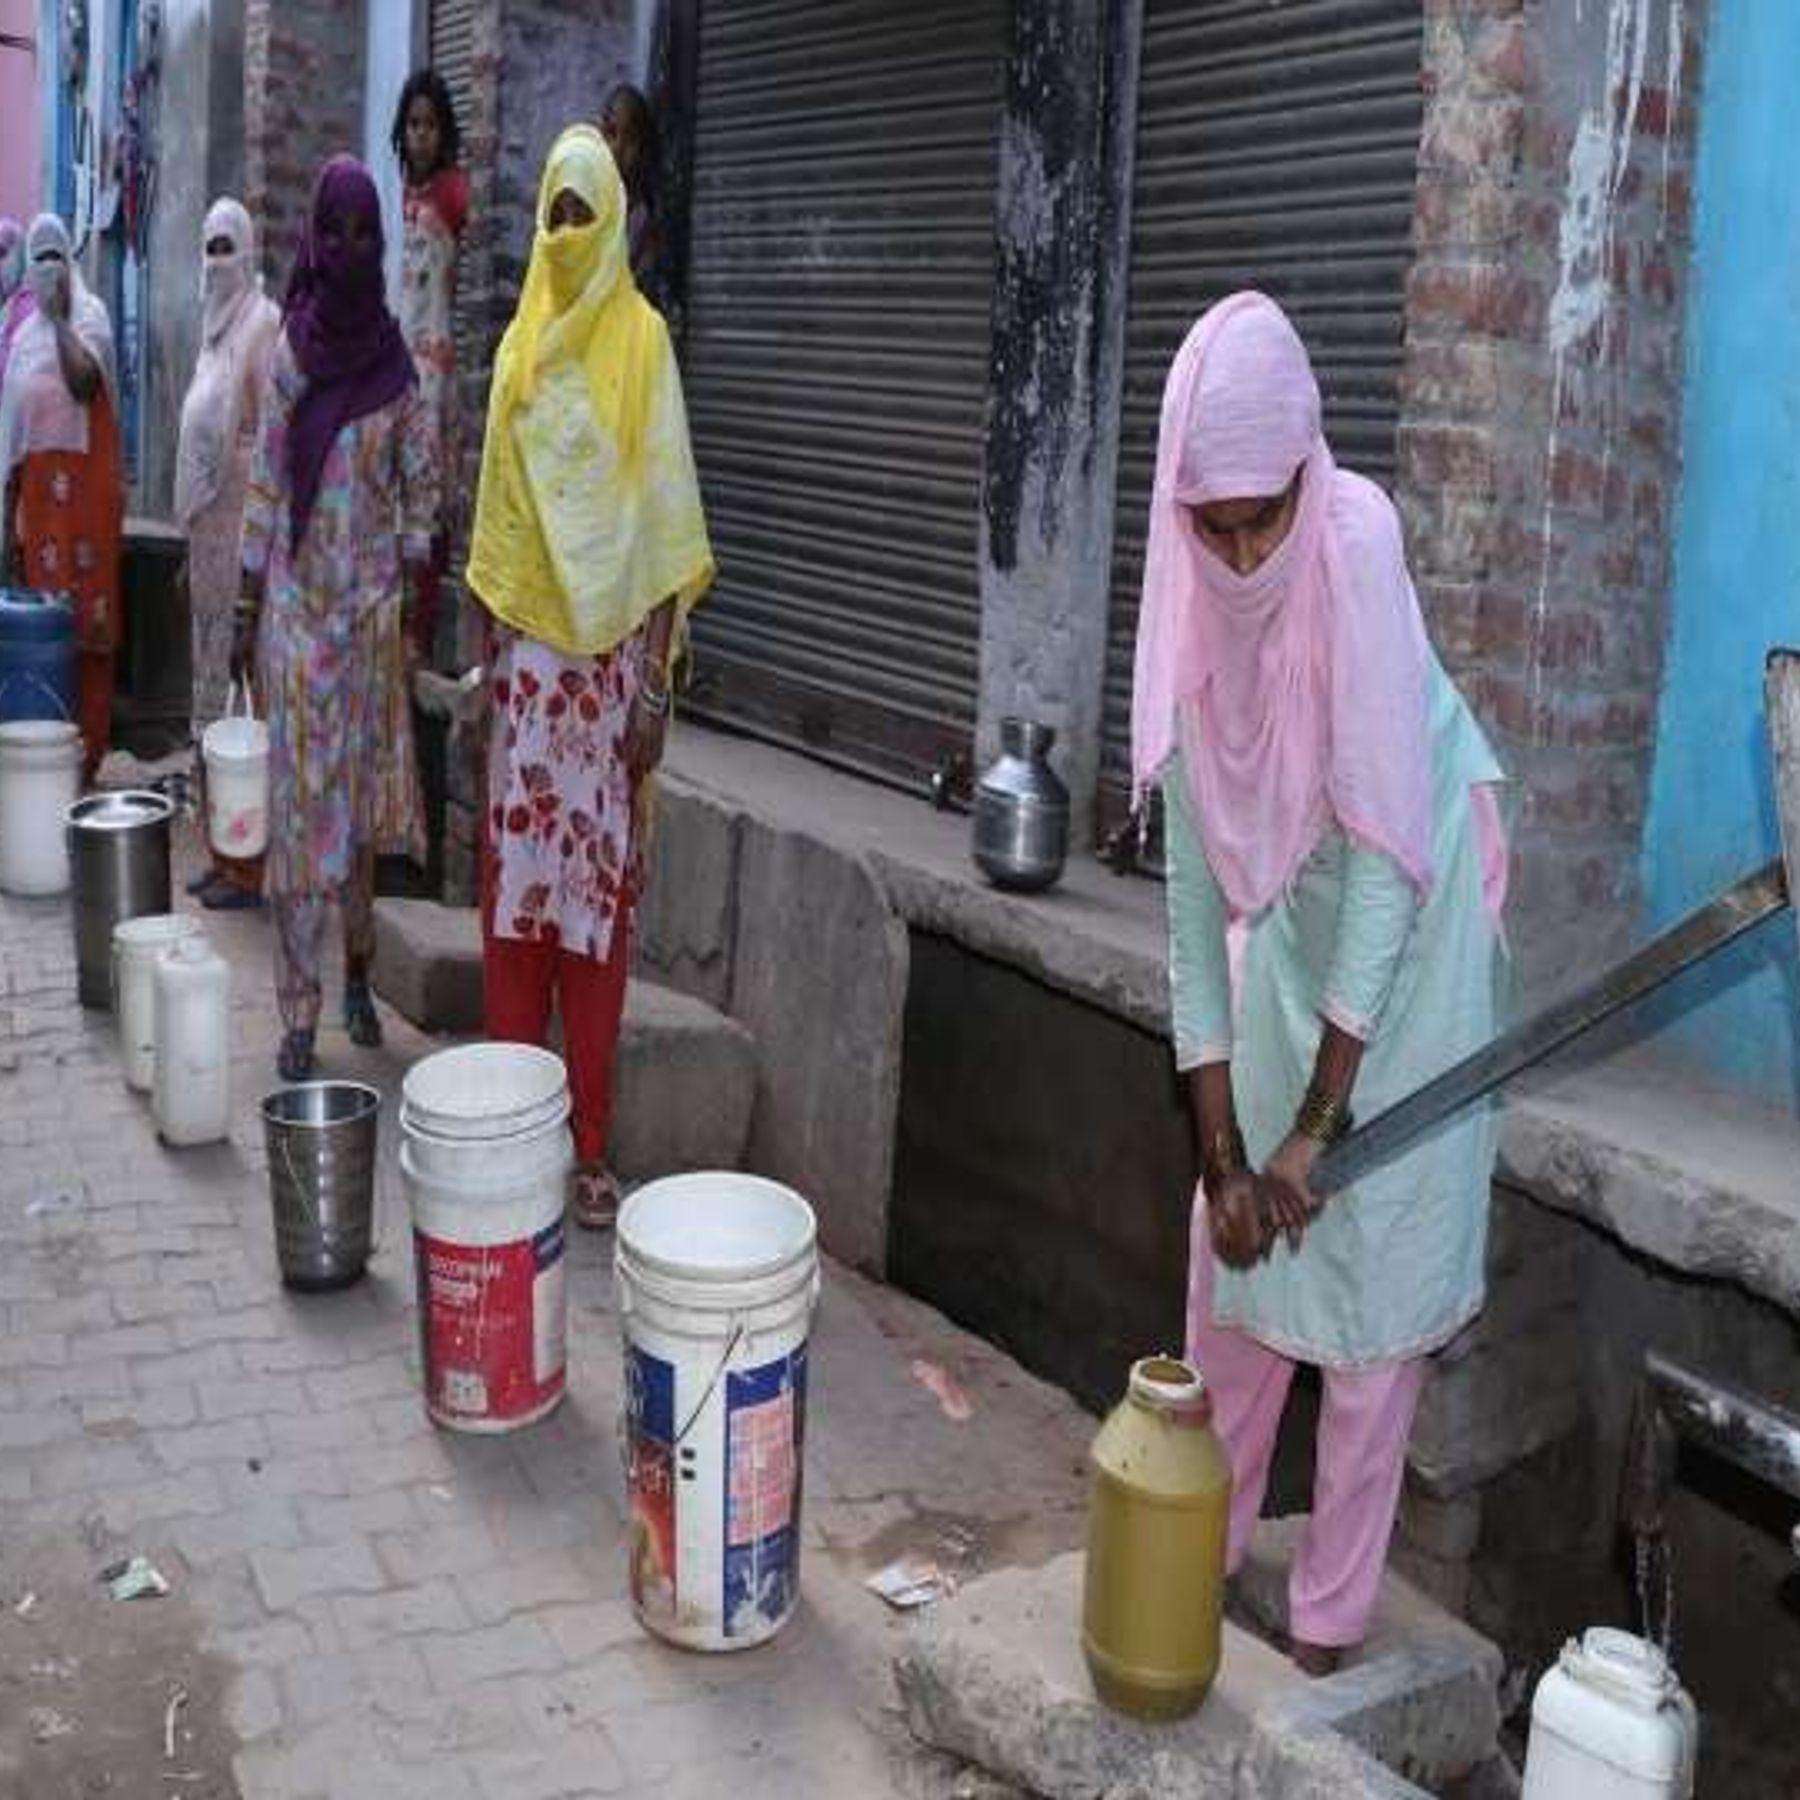 बेनाझाबर वाटर ट्रीटमेंट प्लांट से कानपुर की 20 लाख आबादी को 20 करोड़ लीटर पानी सप्लाई होता है। - Dainik Bhaskar